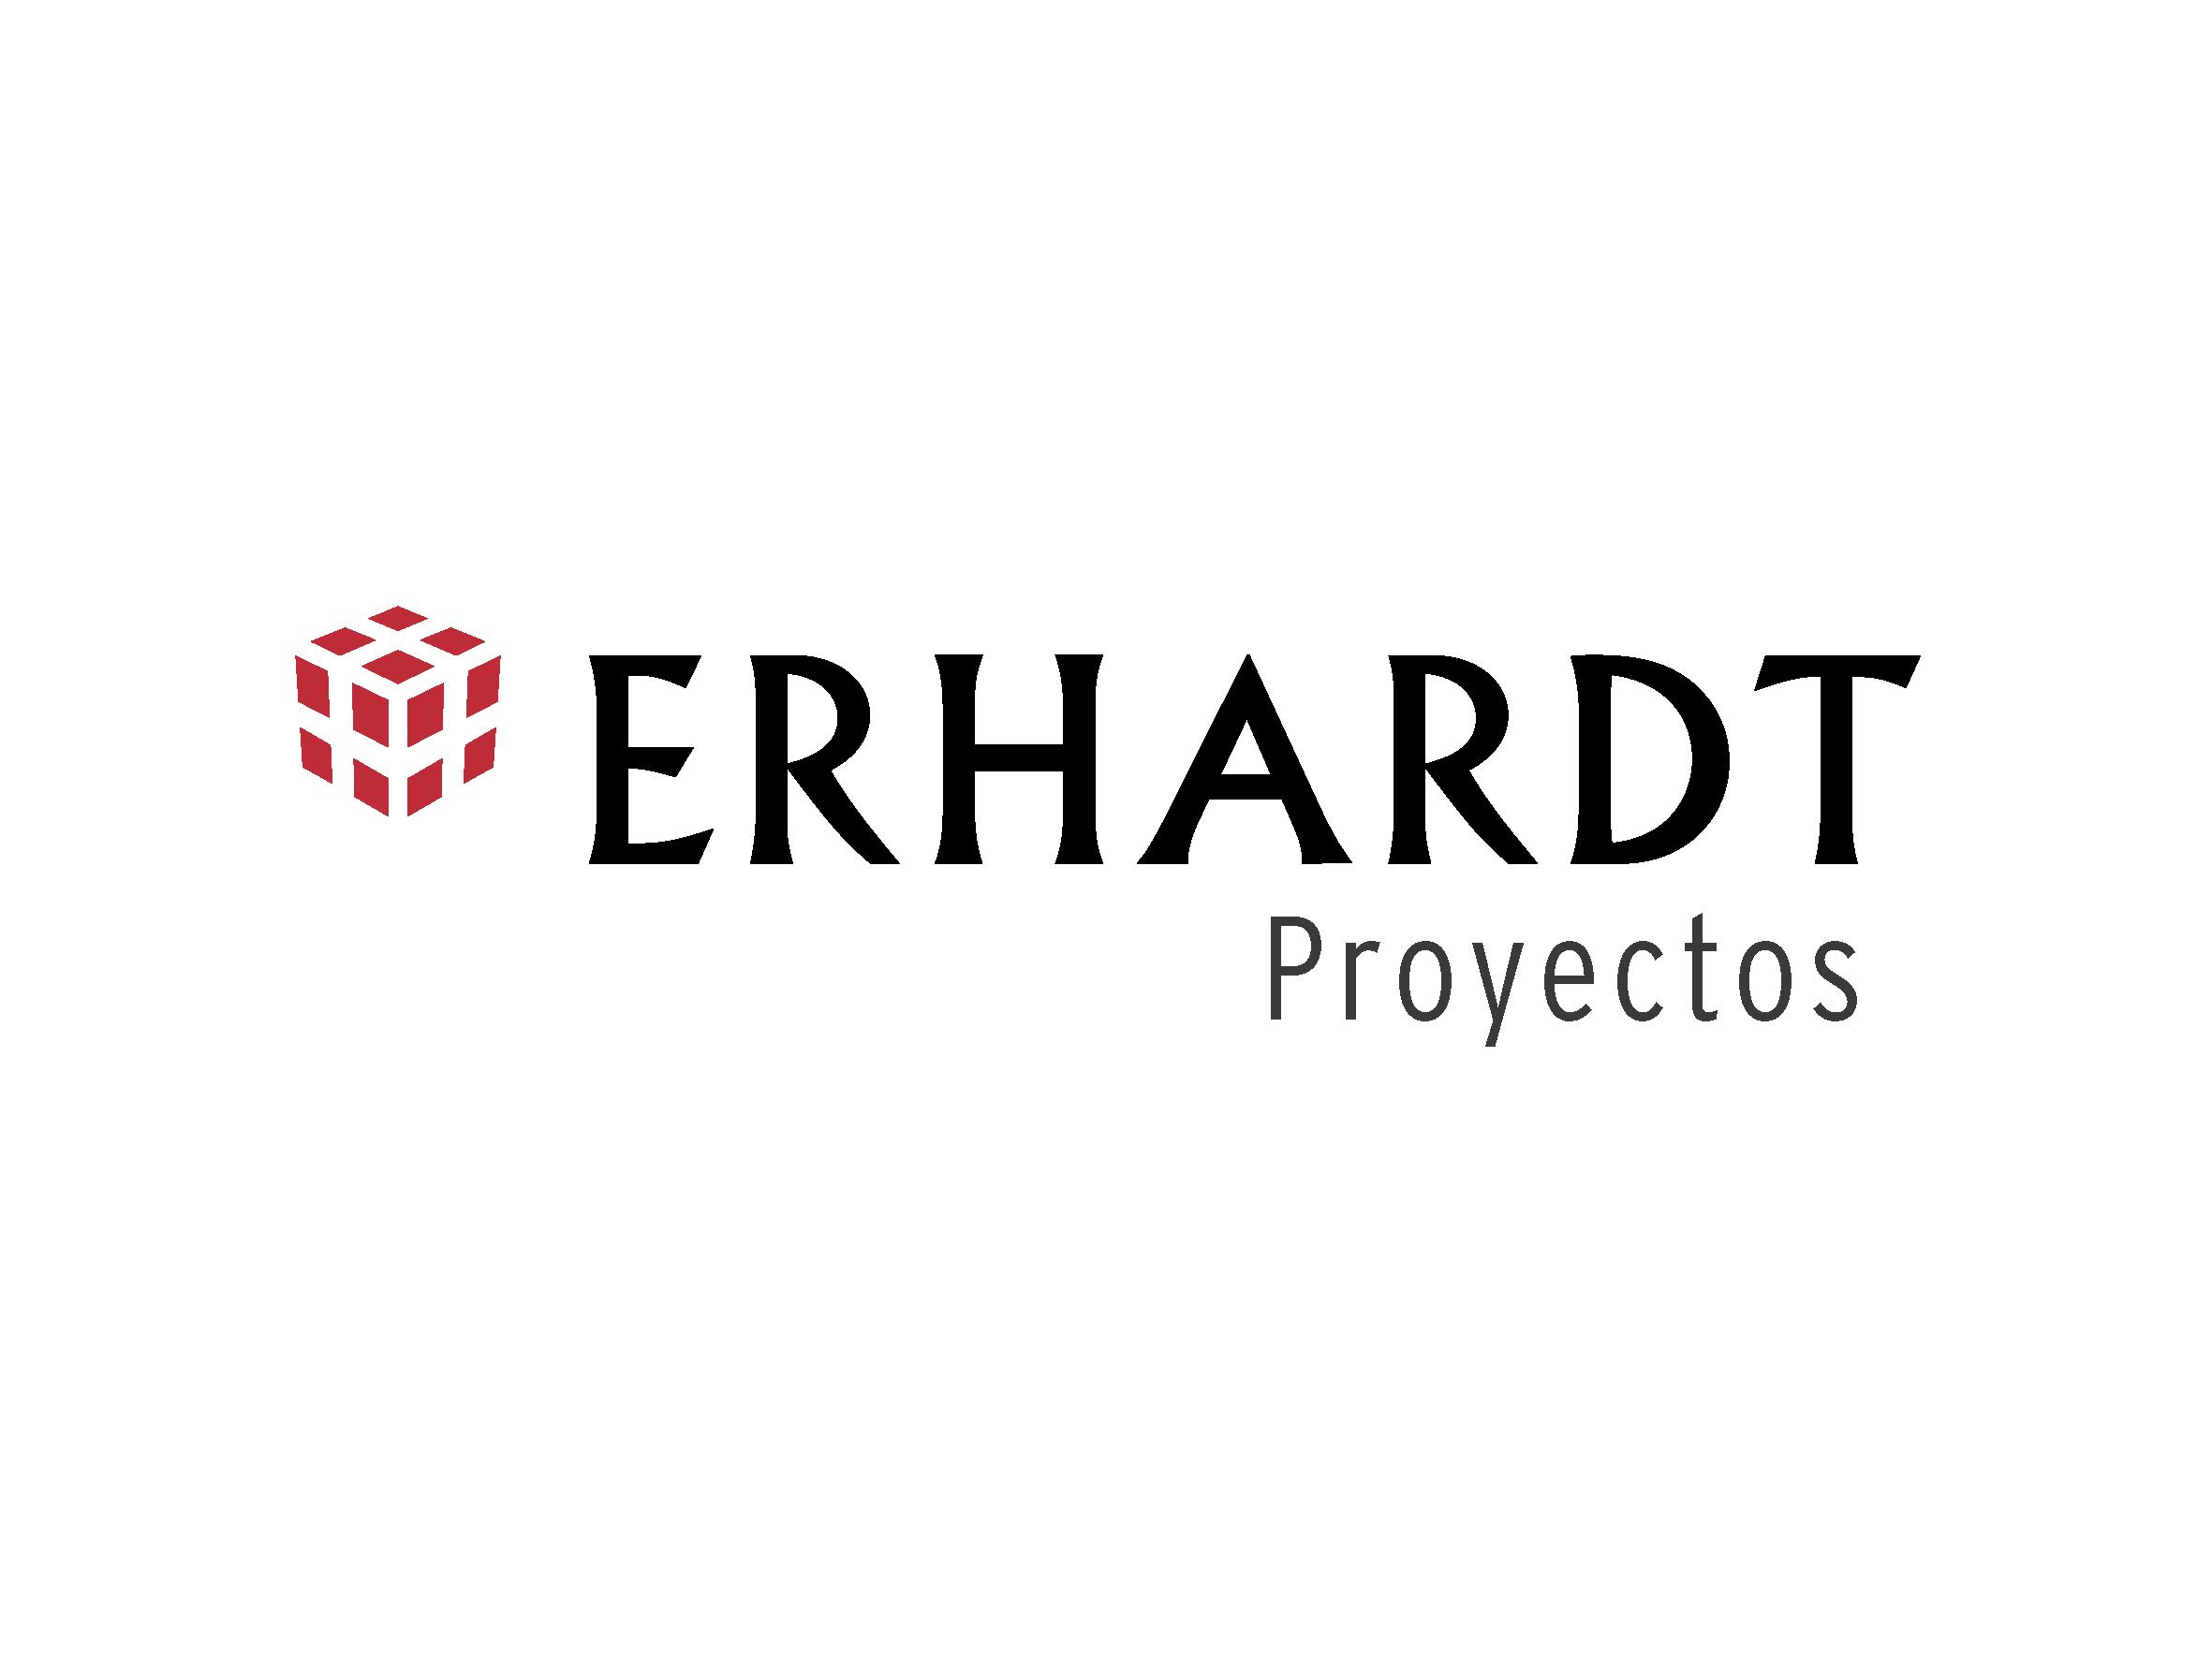 LOGO ERHARDT PROYECTOS-01